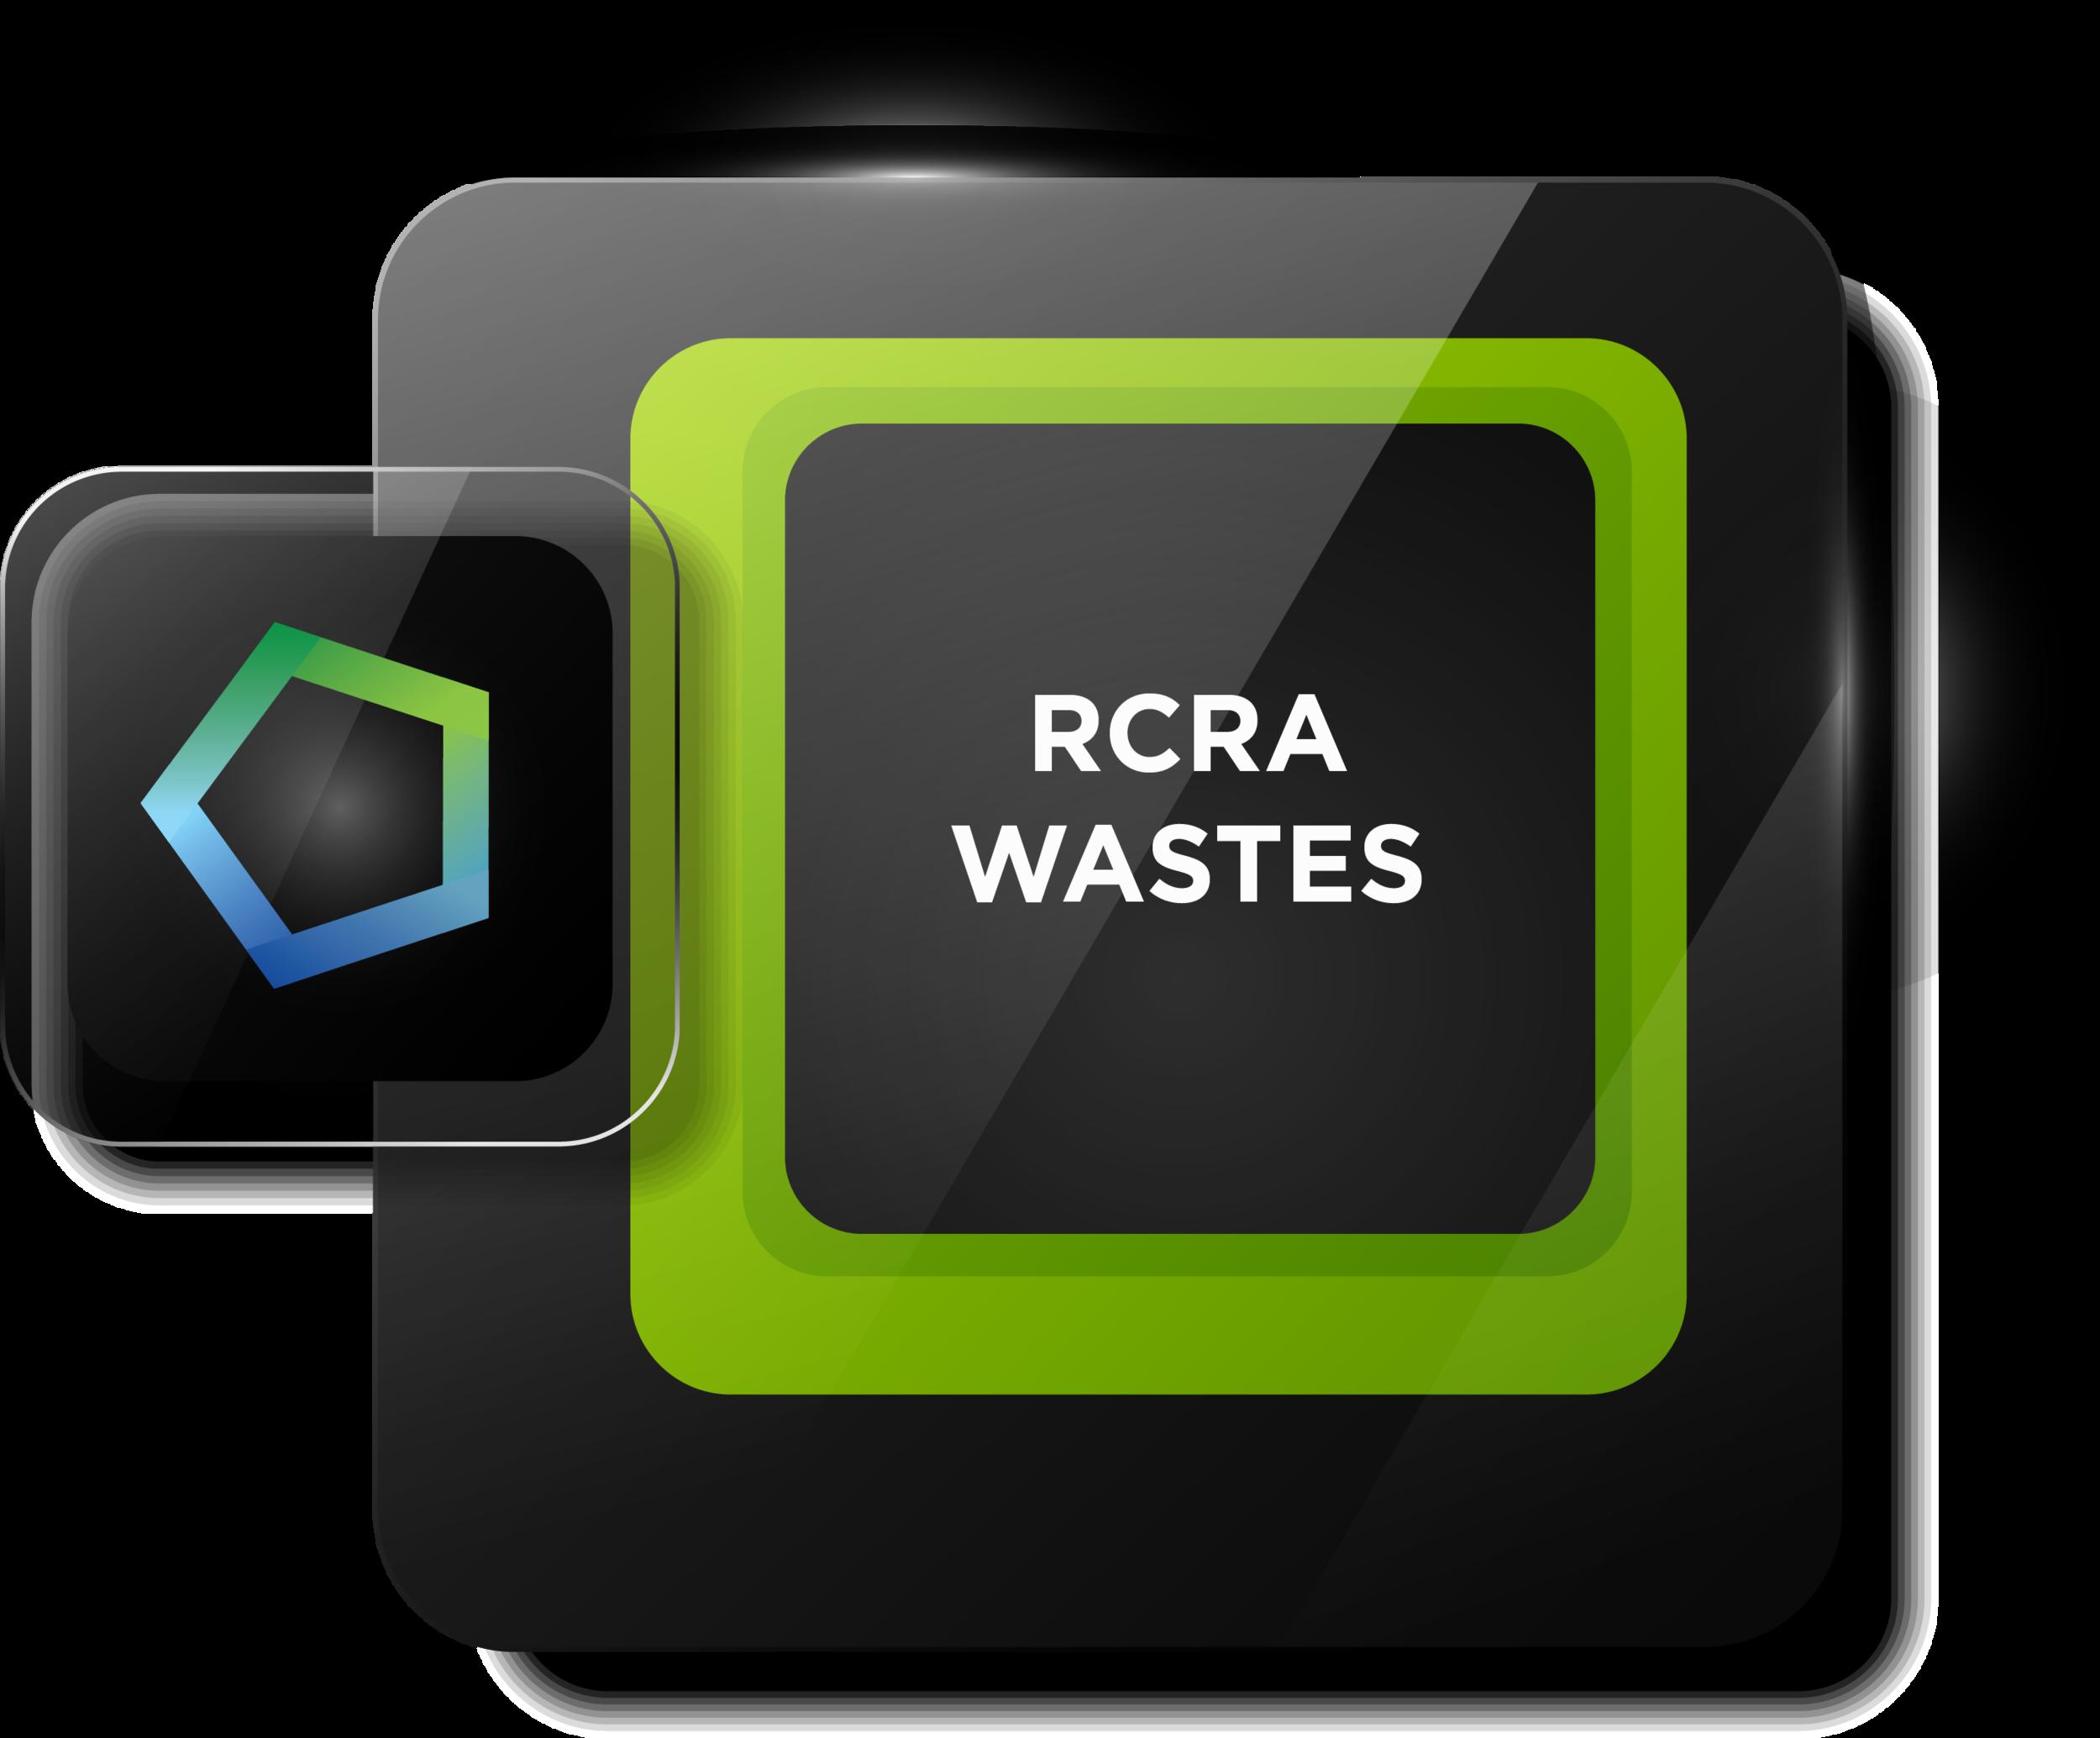 RCRA Wastes.png